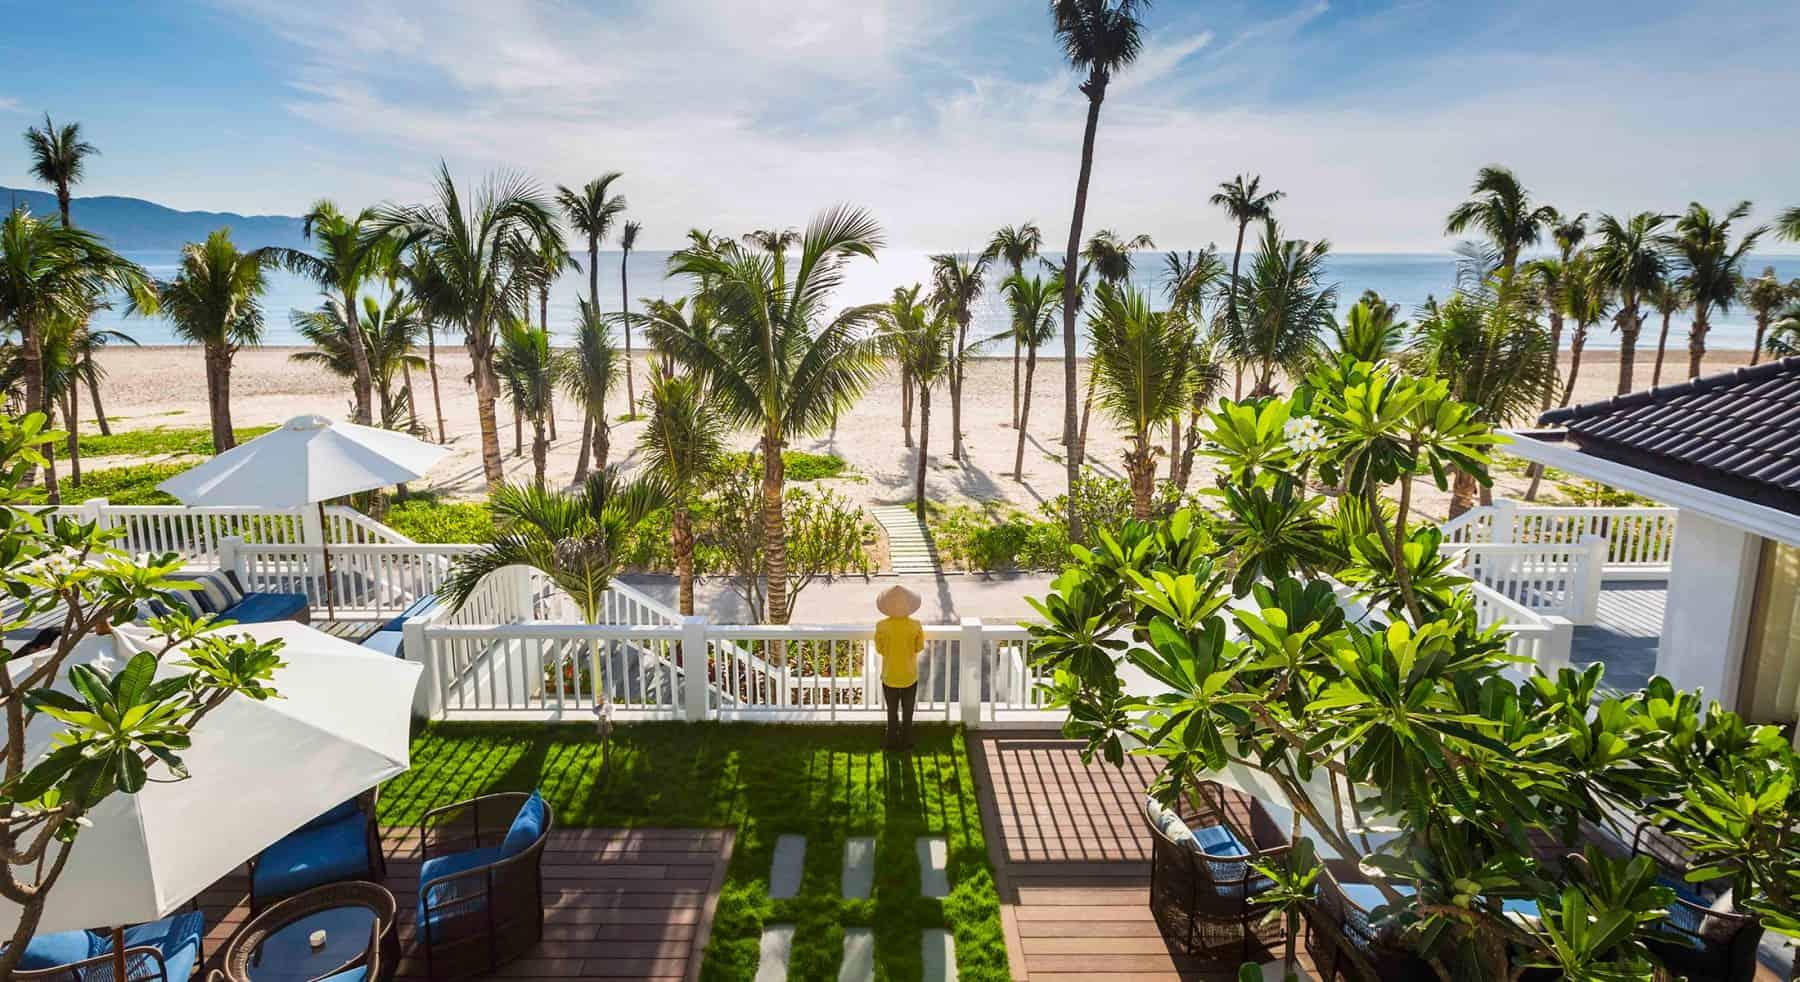 Khu biệt thự hướng biển với không gian xinh đẹp xem lẫn cỏ cây